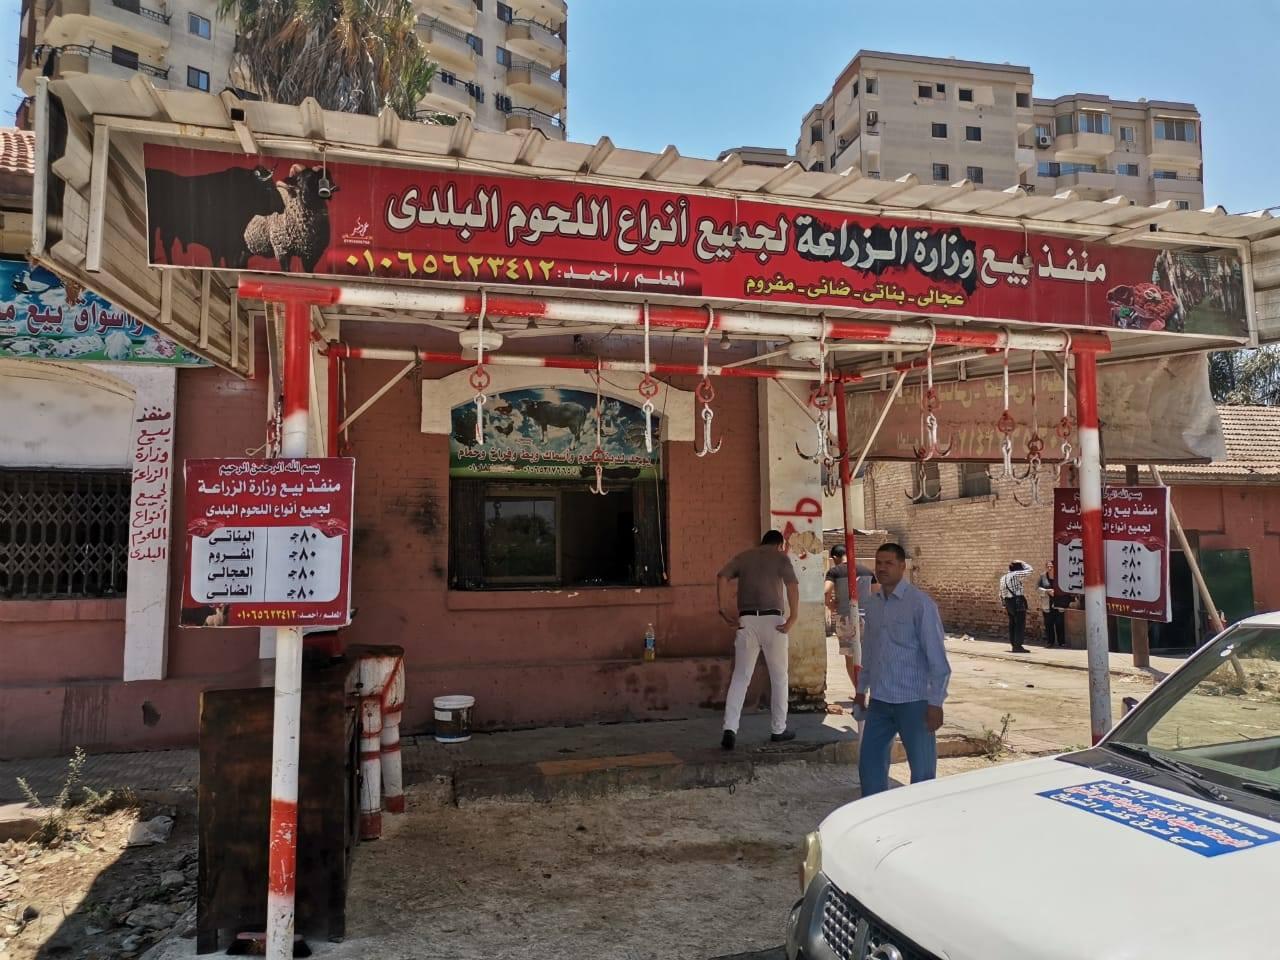 غلق منفذ وزارة الزراعة لبيع اللحوم (4)